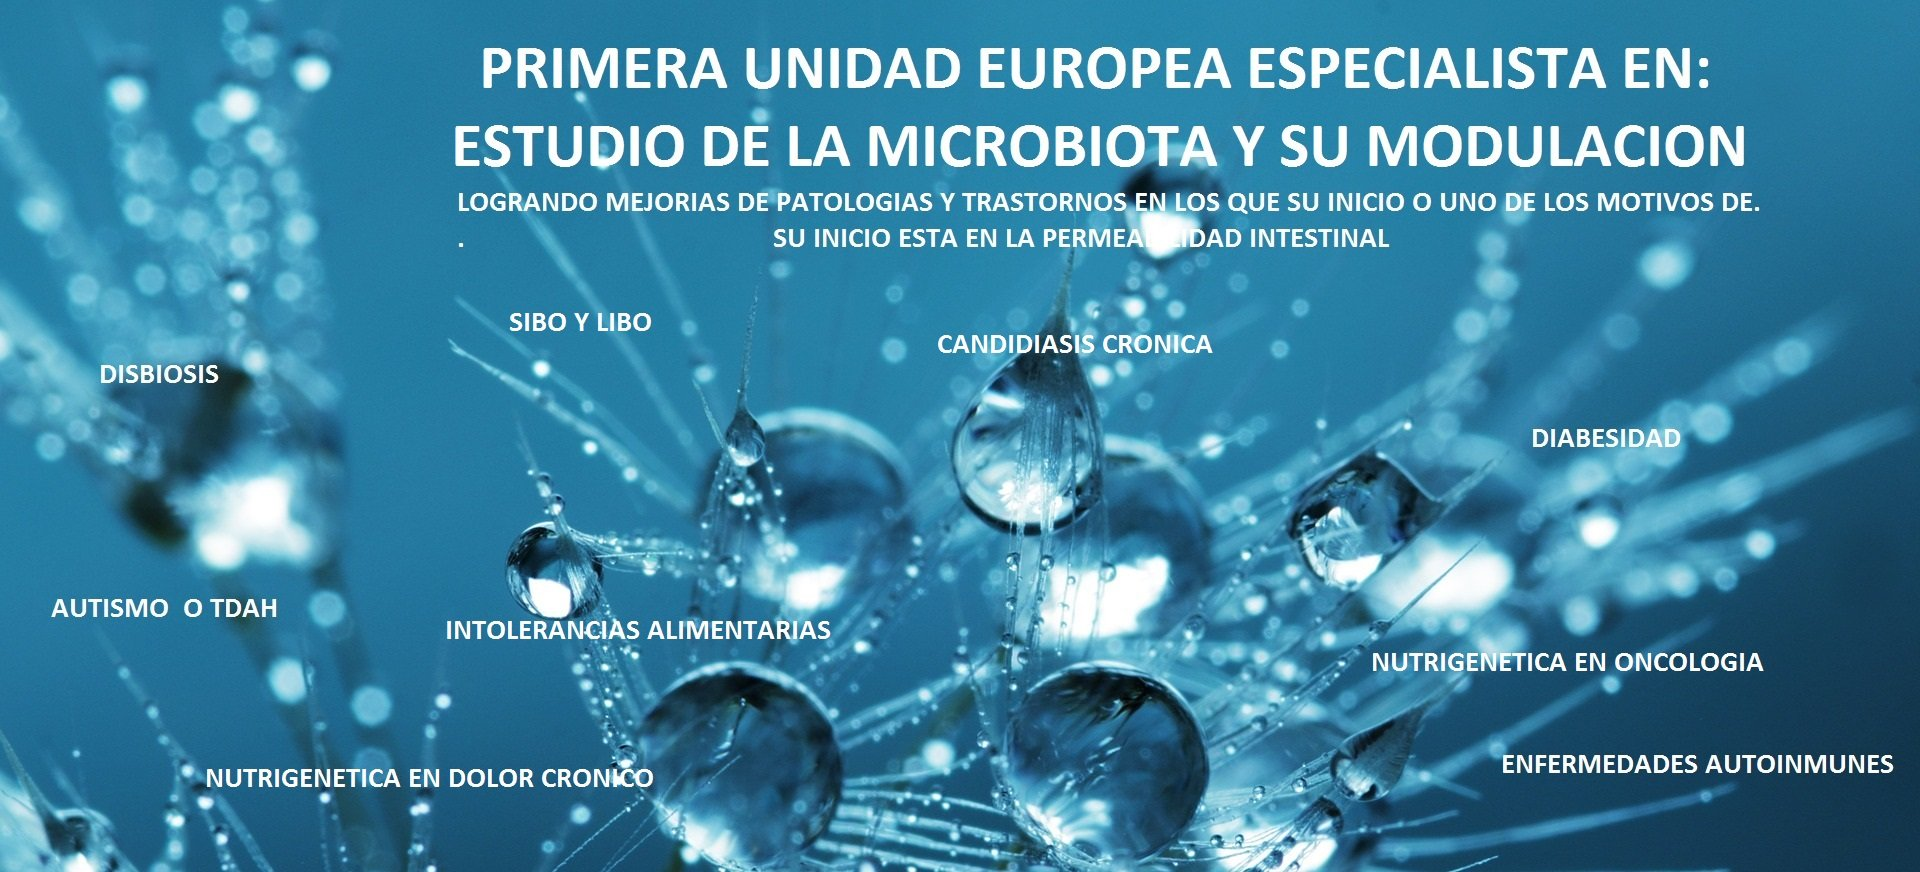 Intolerancia alimentaria UMEBIR Unidad de Medicina Bioregenerativa